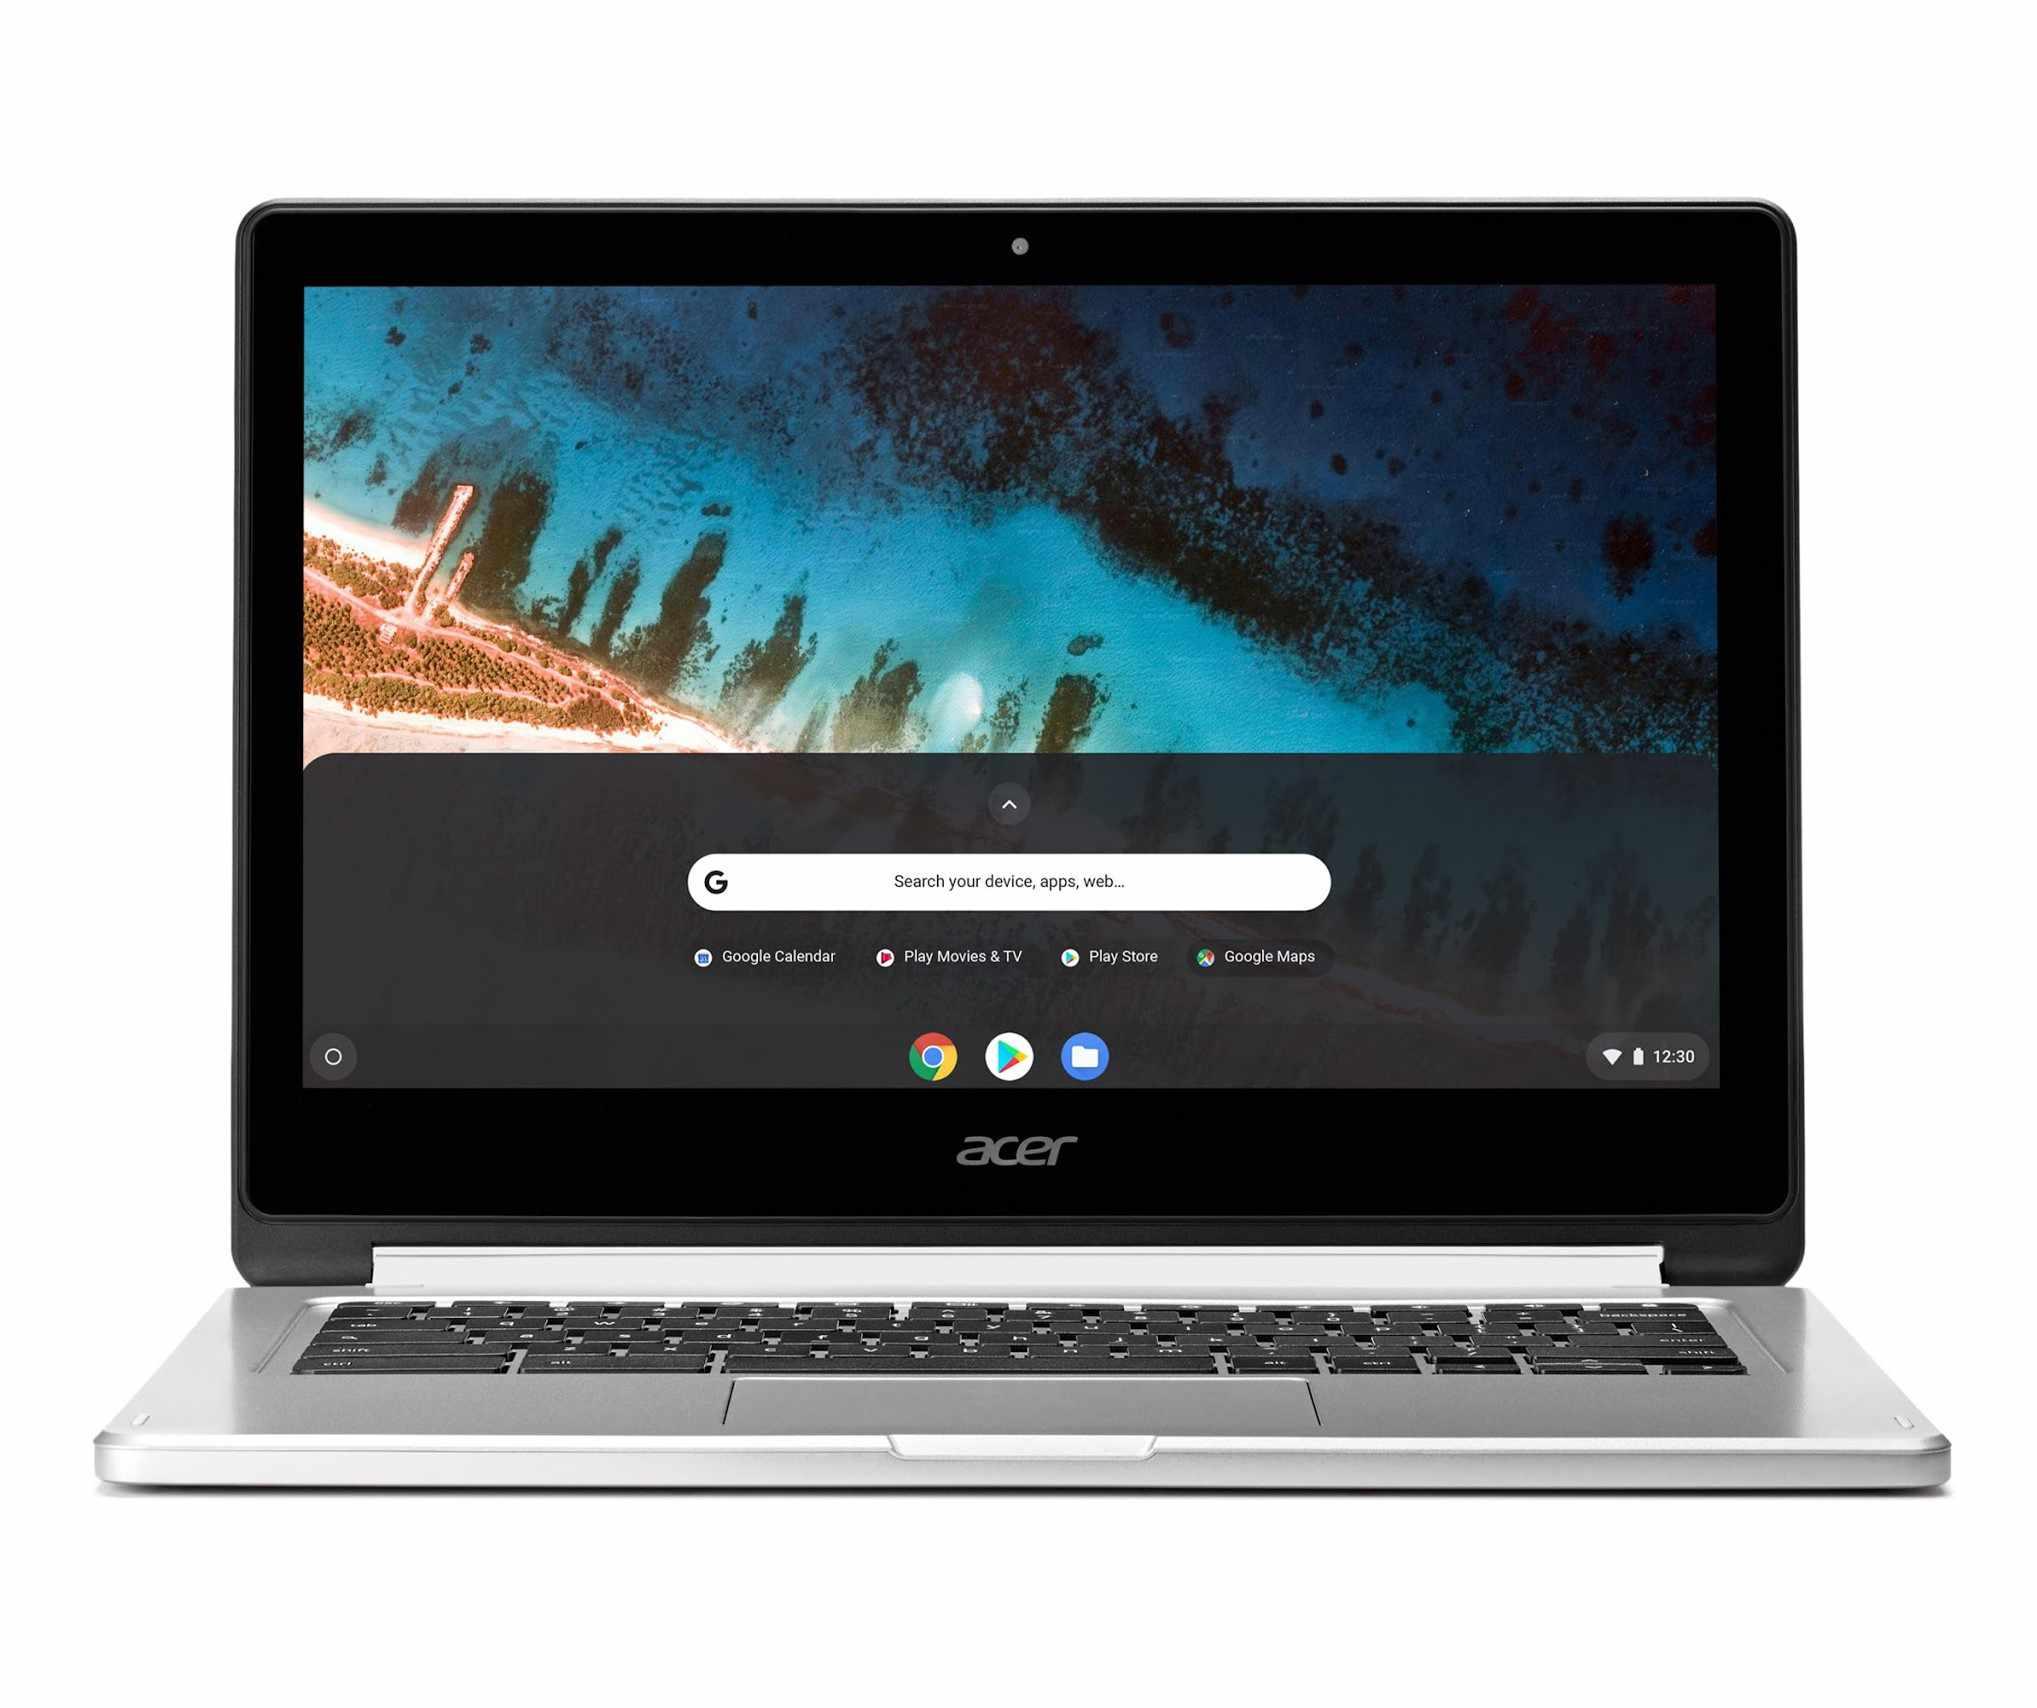 Acer Chromebook R-13 model